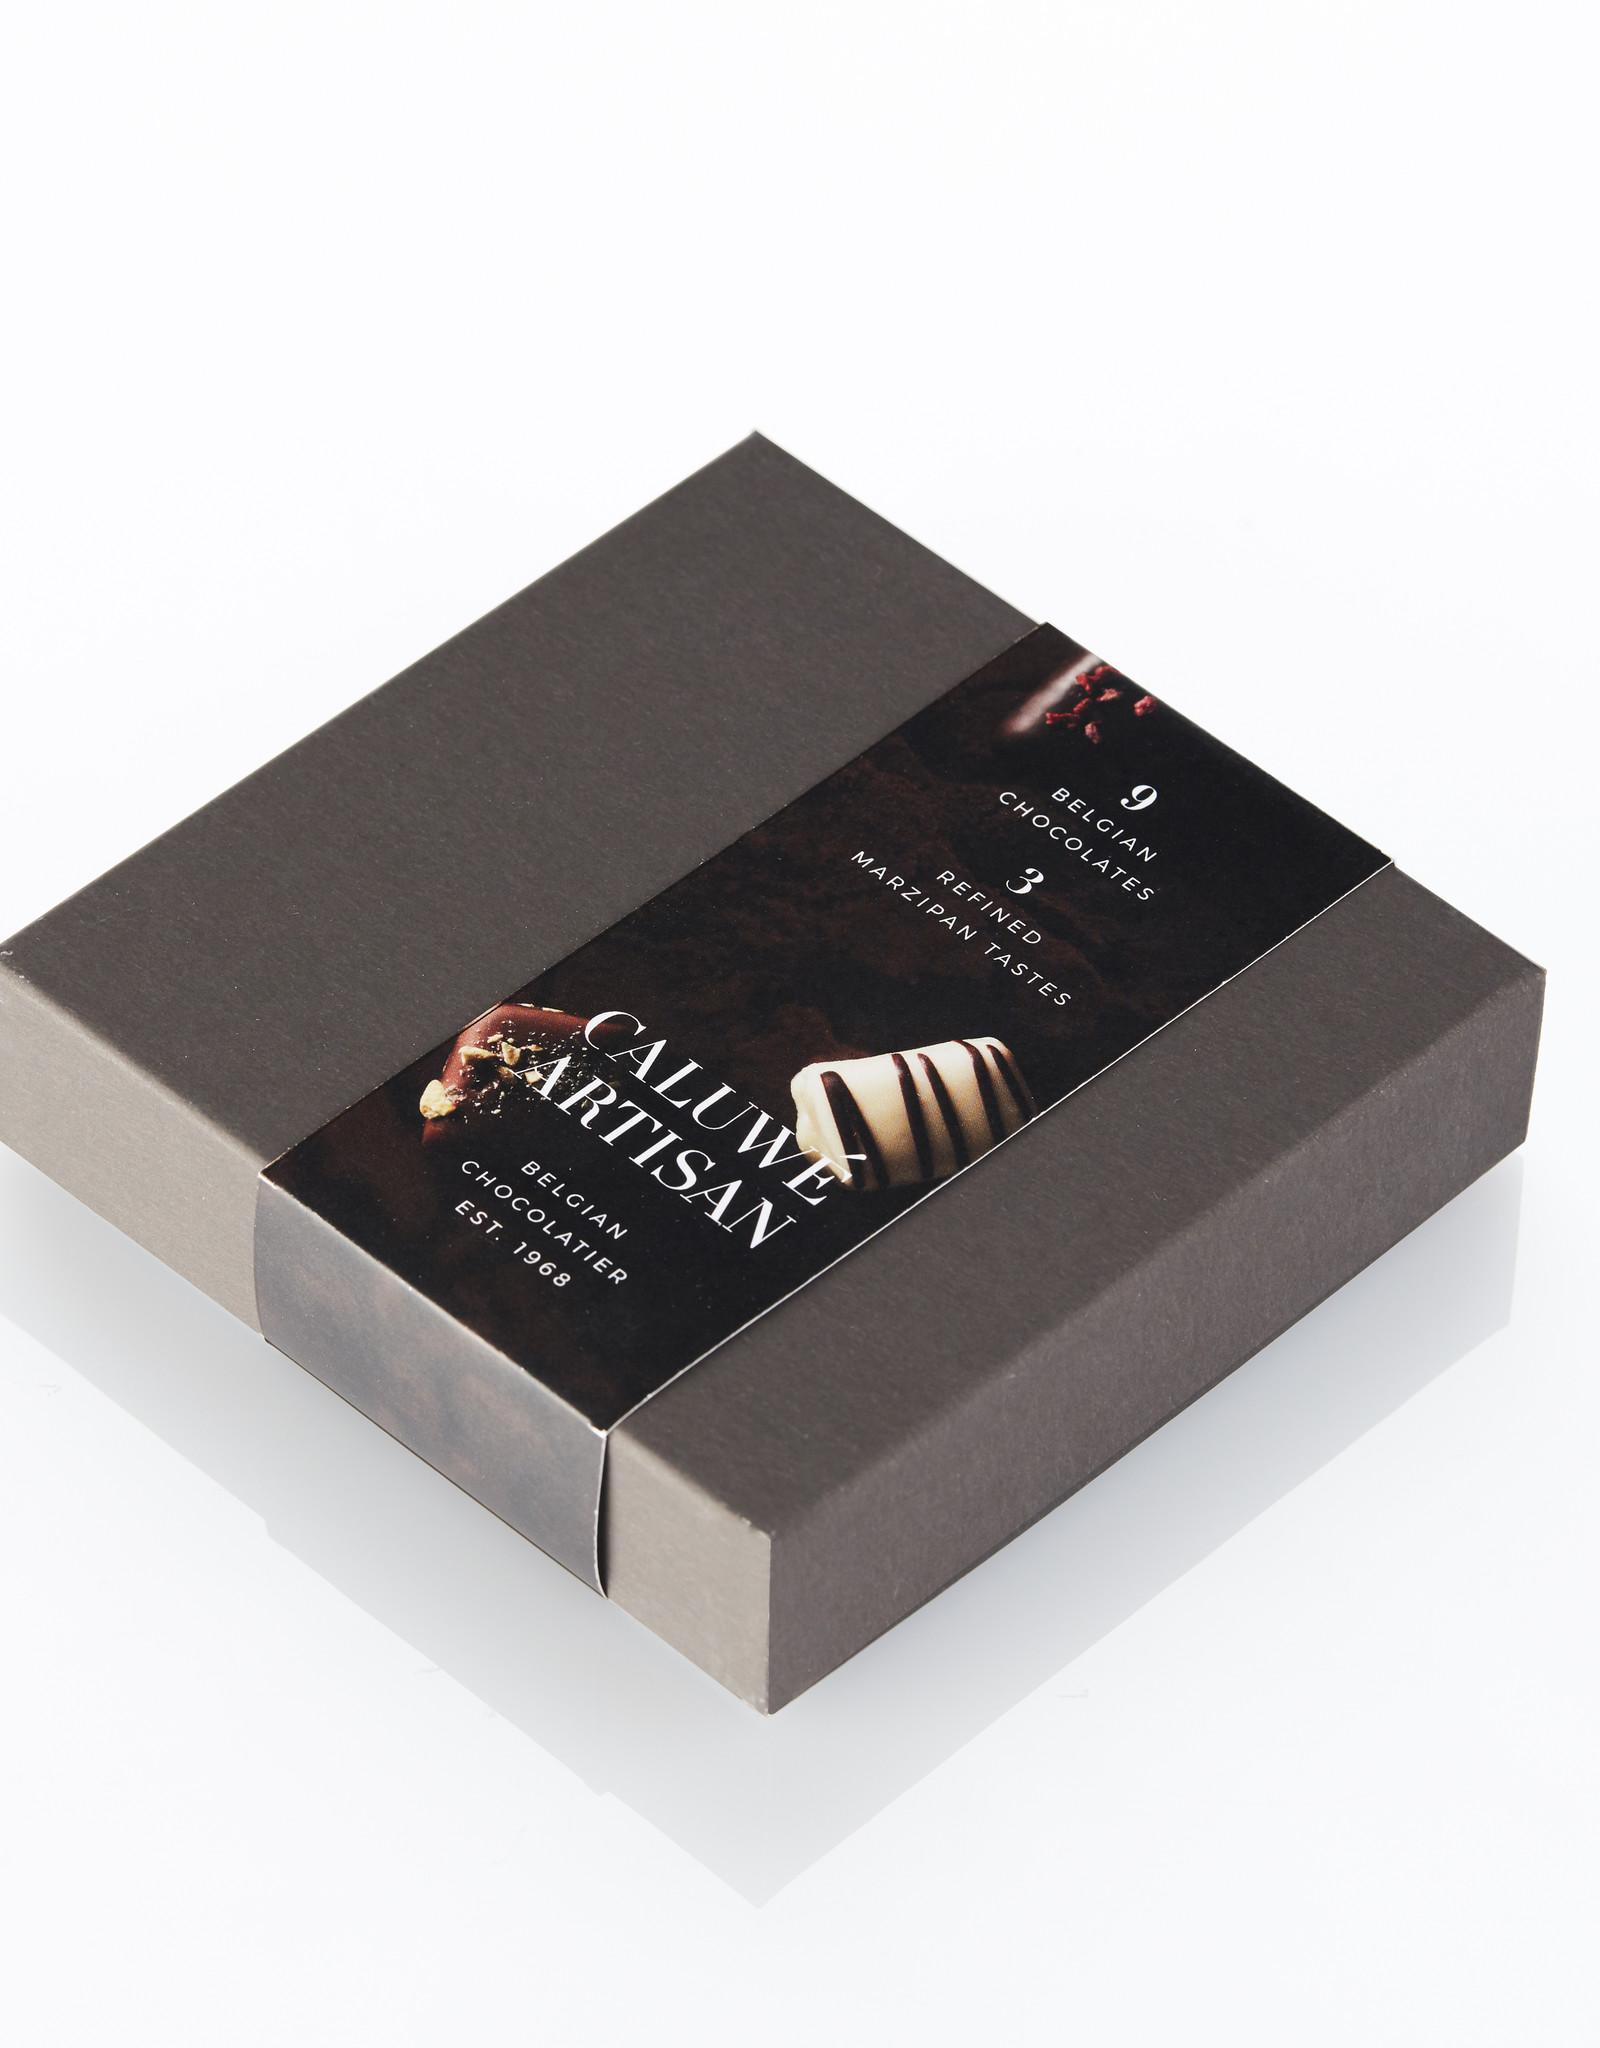 Caluwe Artisan Assortiment de 9 chocolats Belges au Massepain 125g